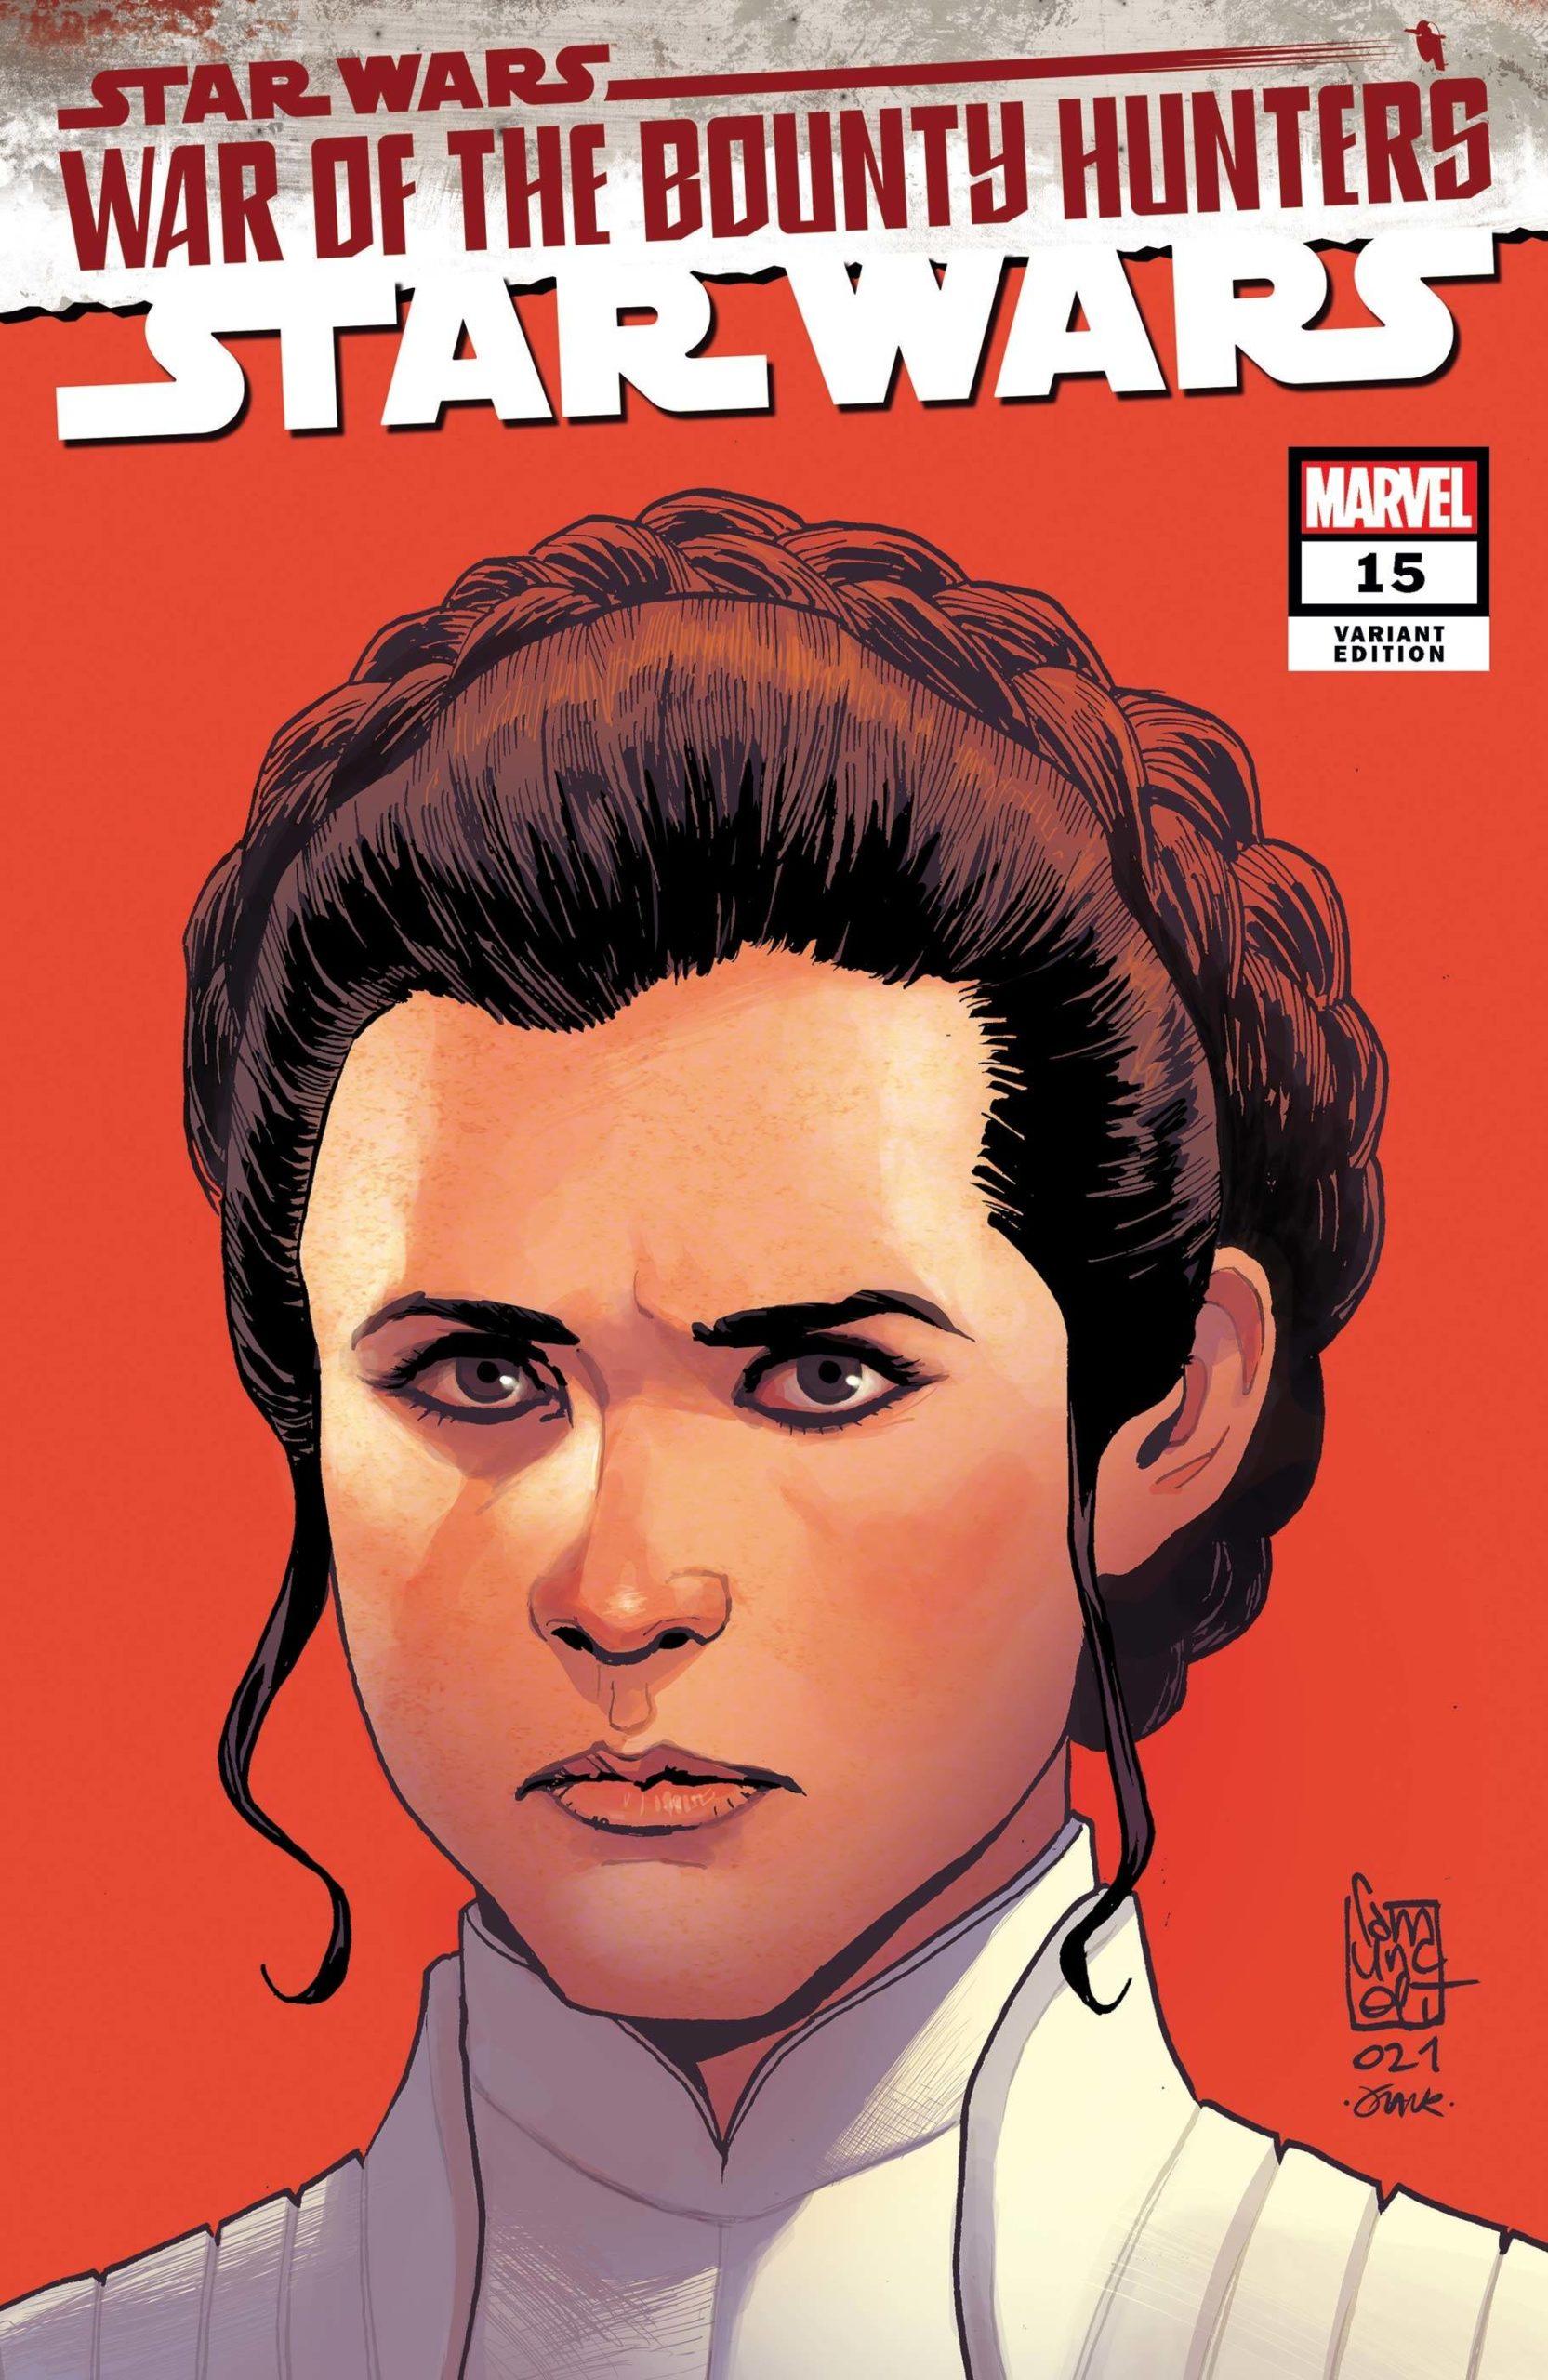 Star Wars #15 (Giuseppe Camuncoli Variant Cover) (28.07.2021)